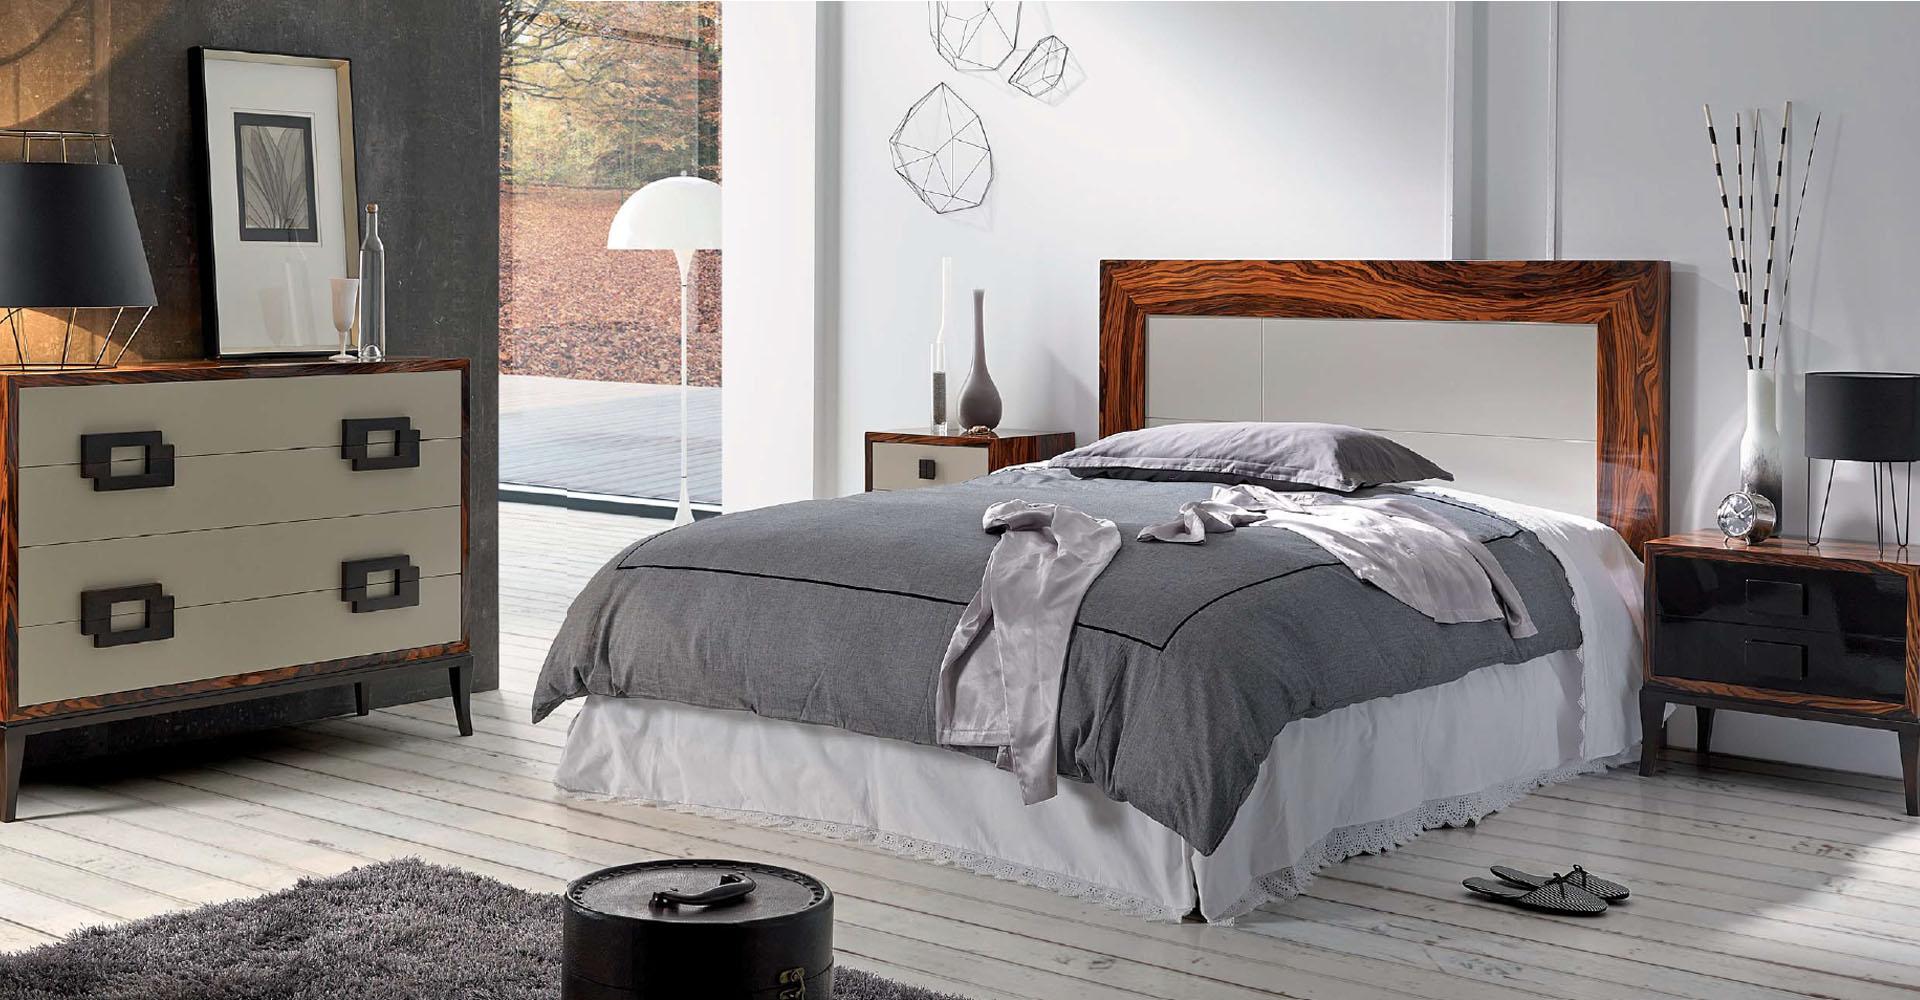 dormitorio de estilo contemporaneo (24)